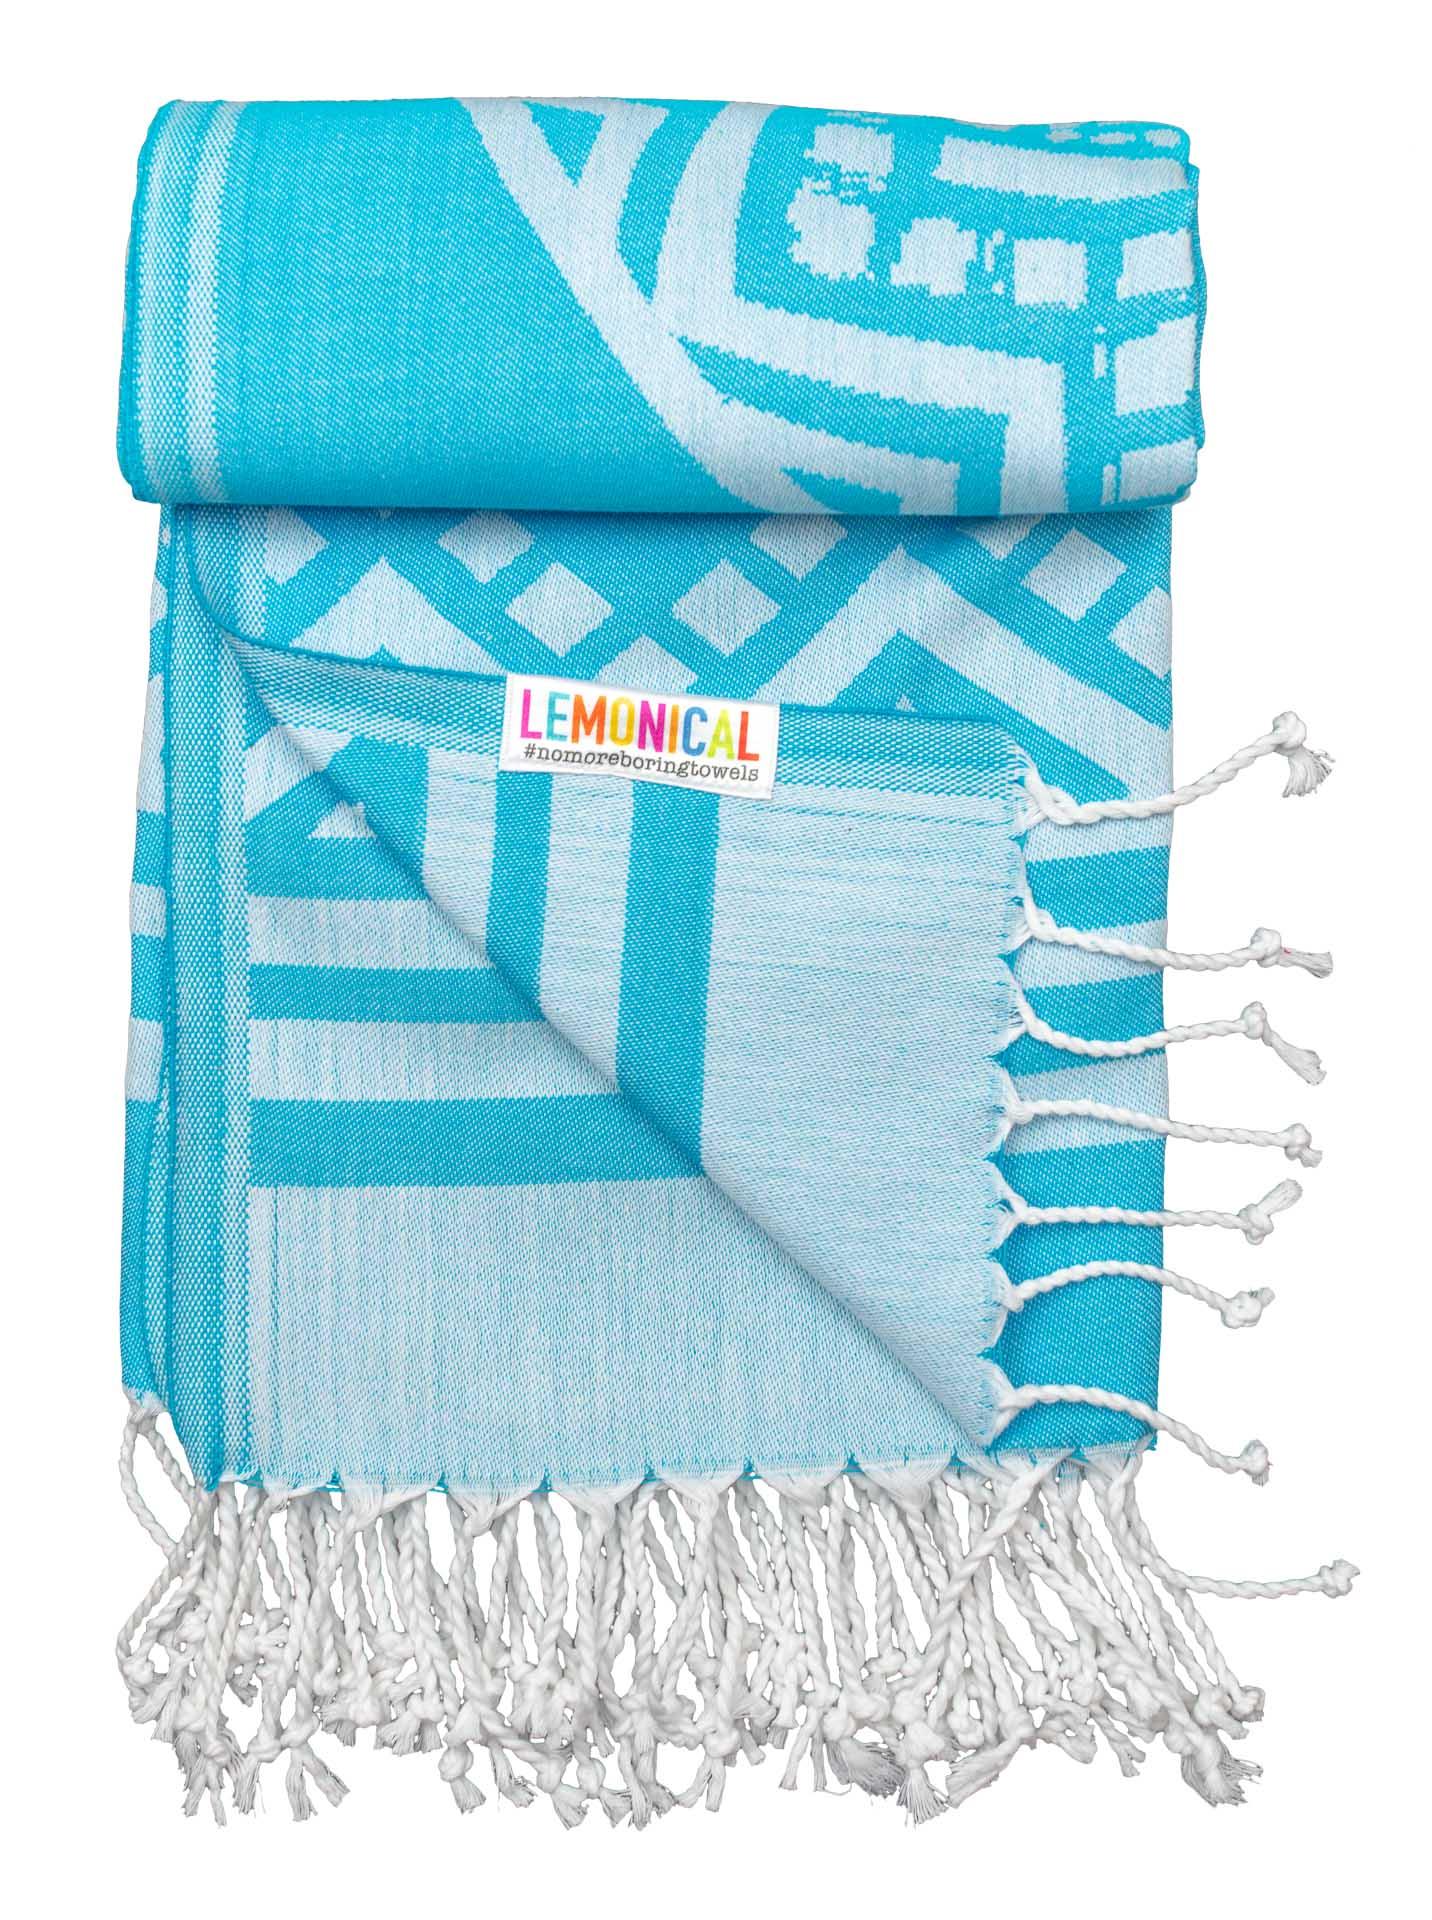 BLUE-ELEPHANT-Towel-Lemonical-4